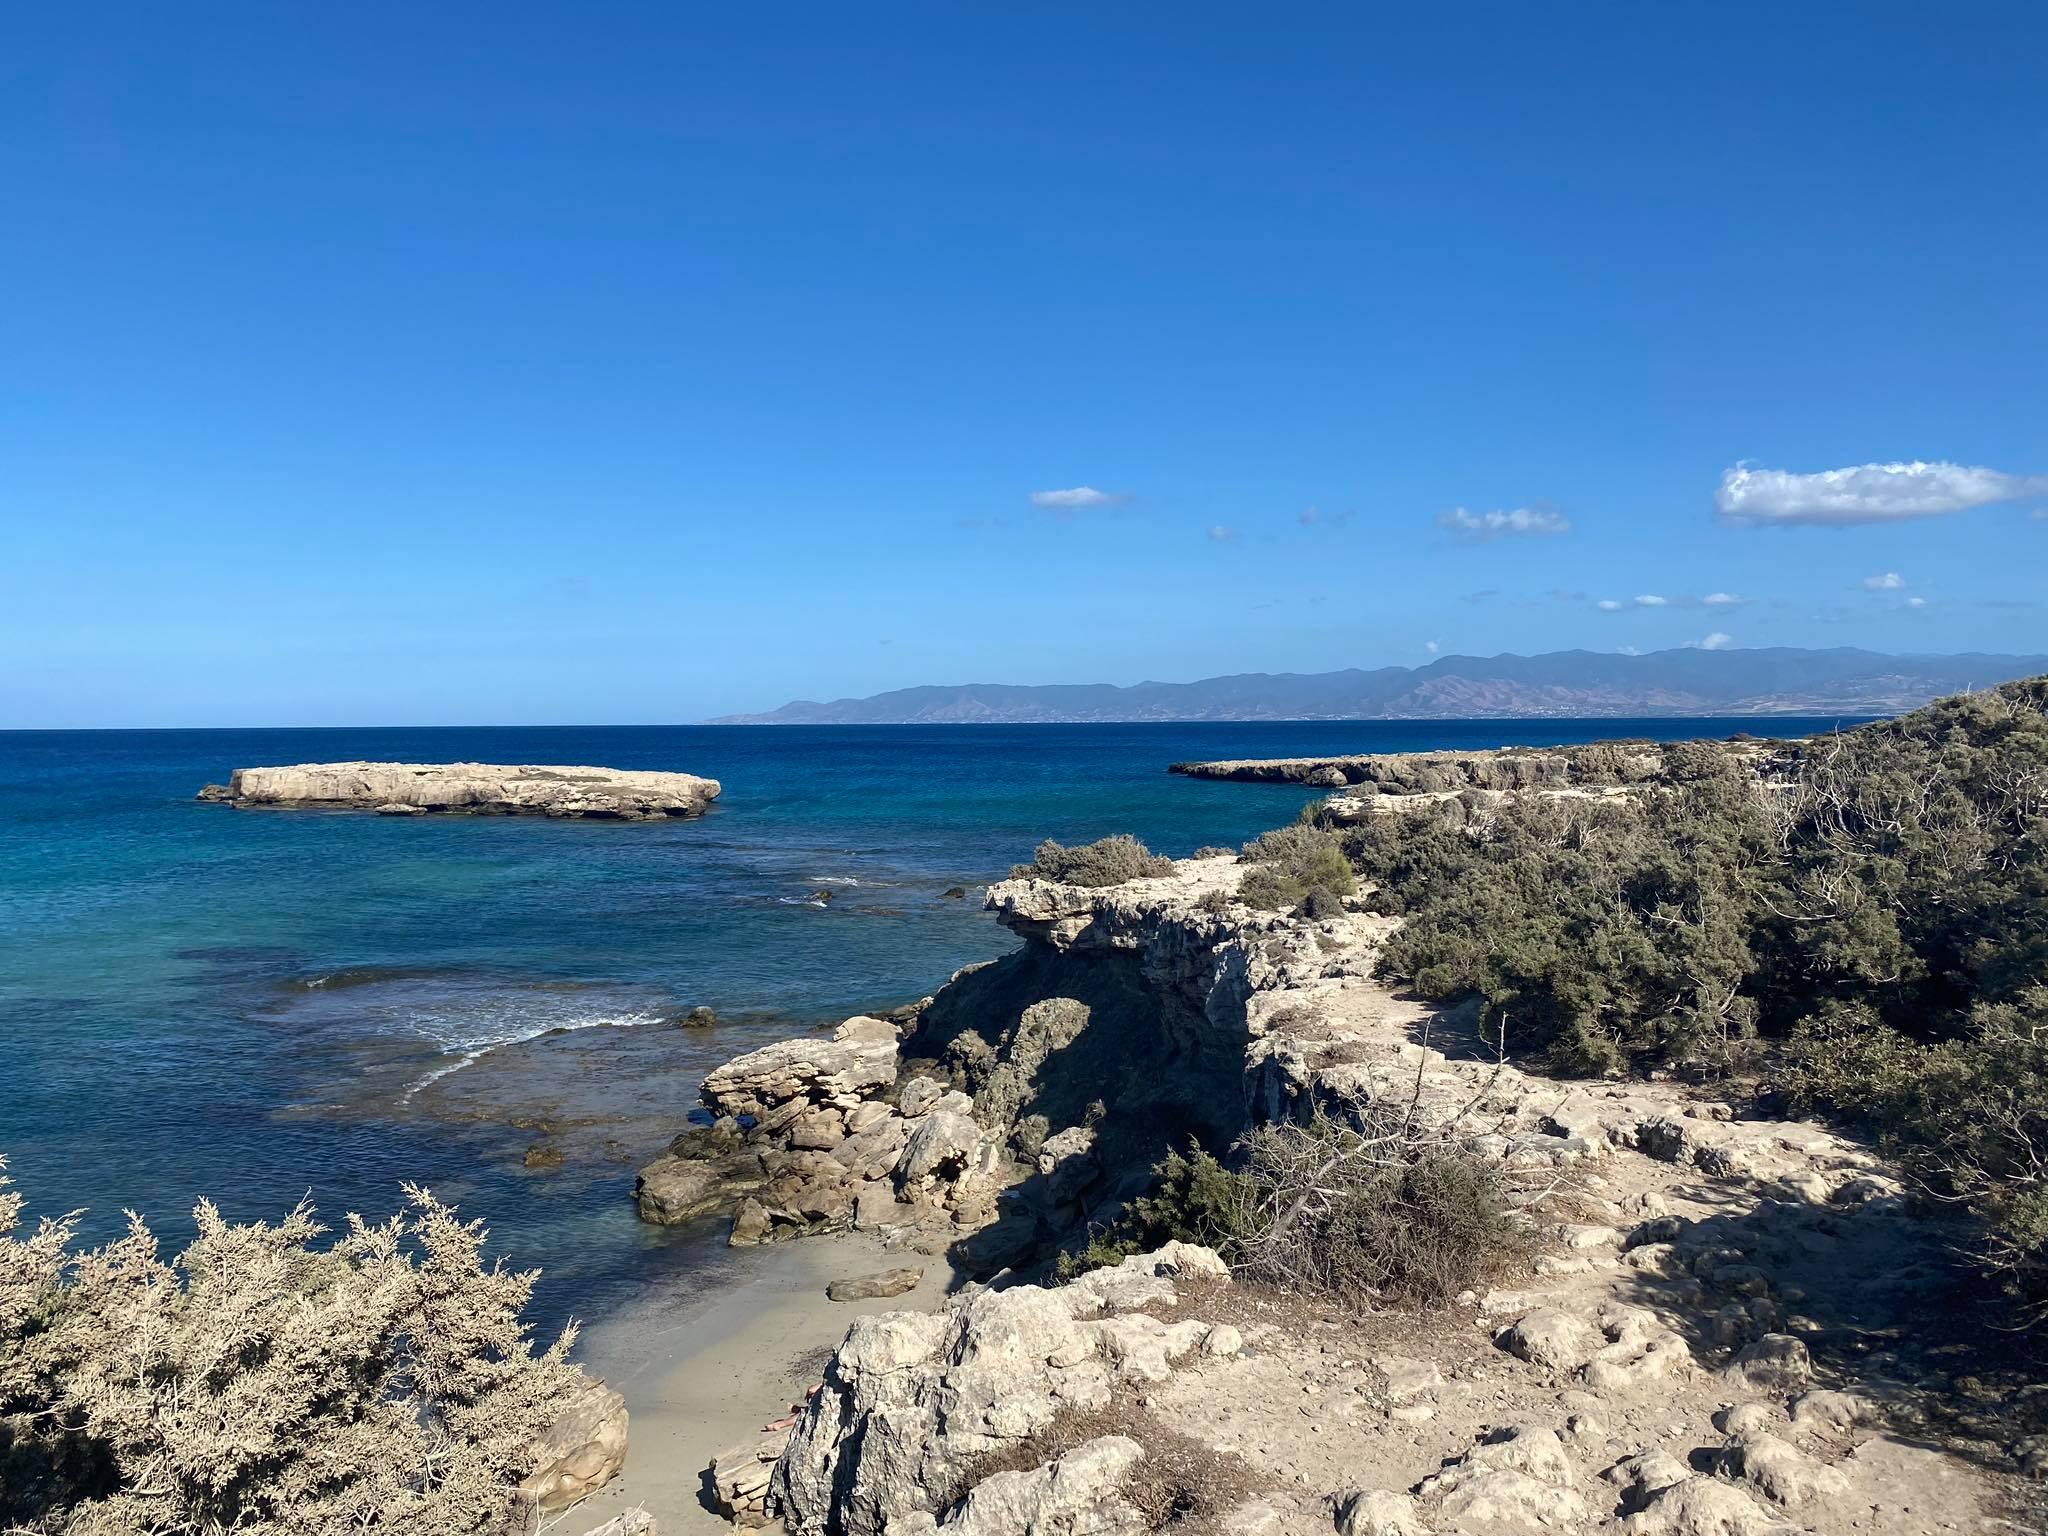 Το Blue lagoon ακόμη και τον Οκτώβριο είναι μαγευτικό (Photos)